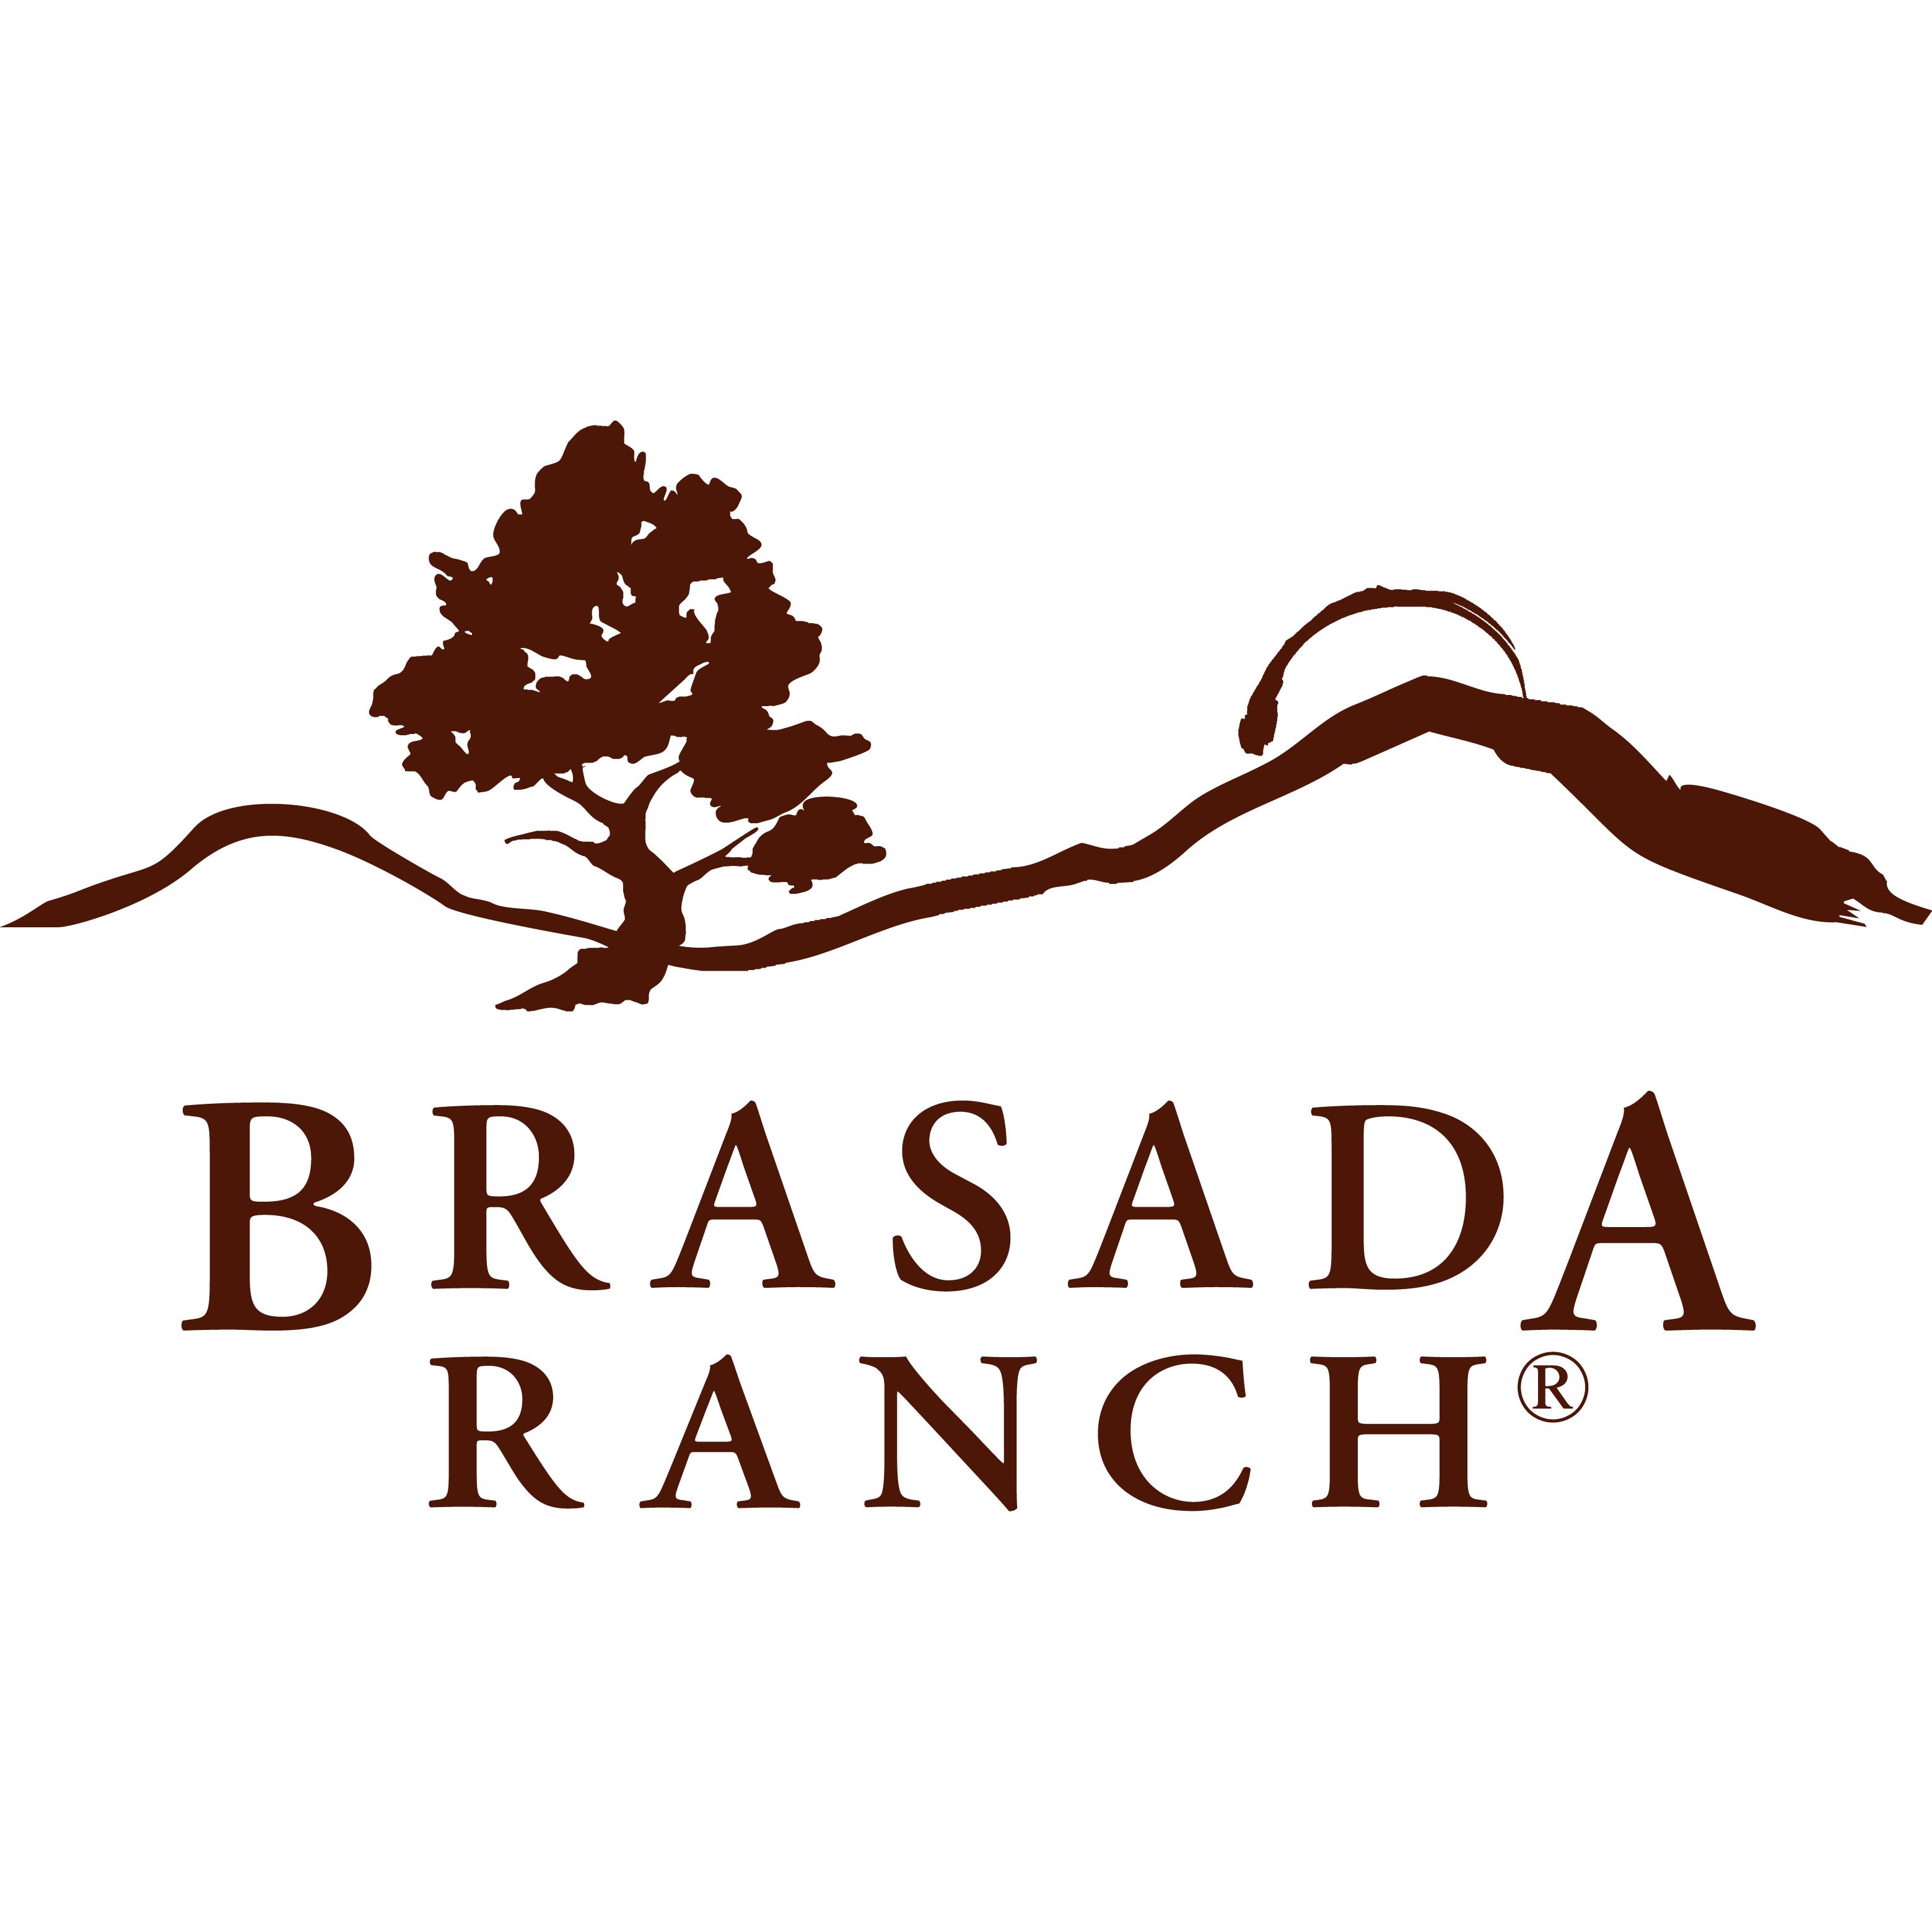 Brasada Ranch image 13